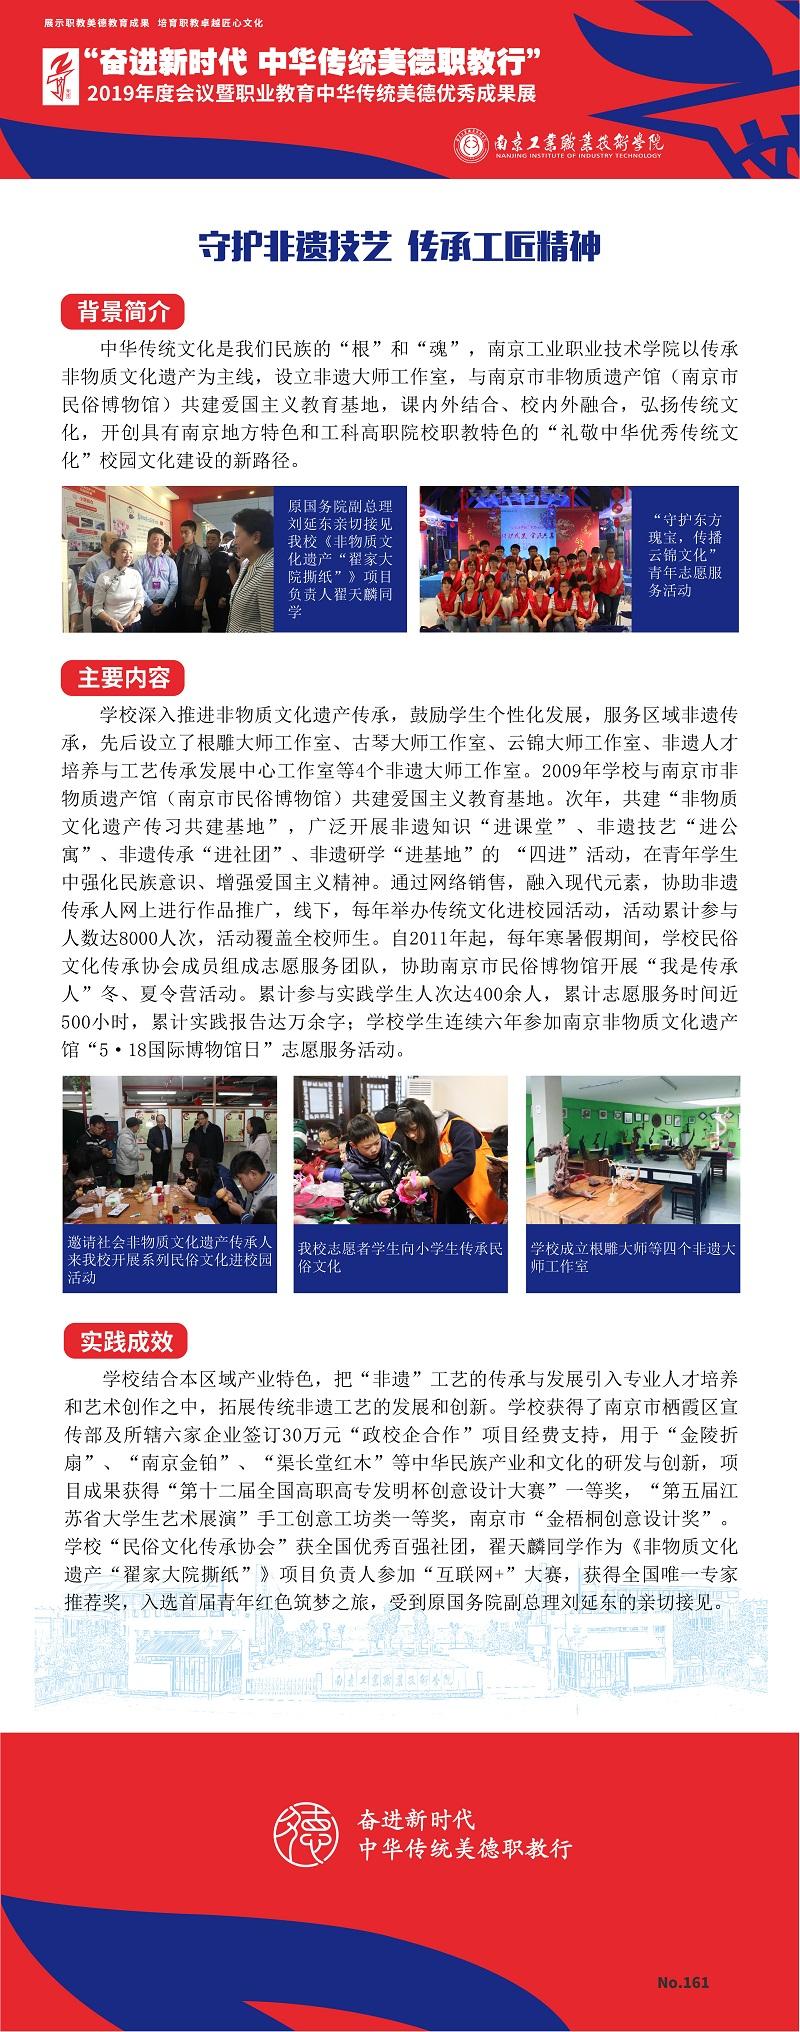 161--南京工业职业技术学院--守护非遗技艺 传承工匠精神.jpg